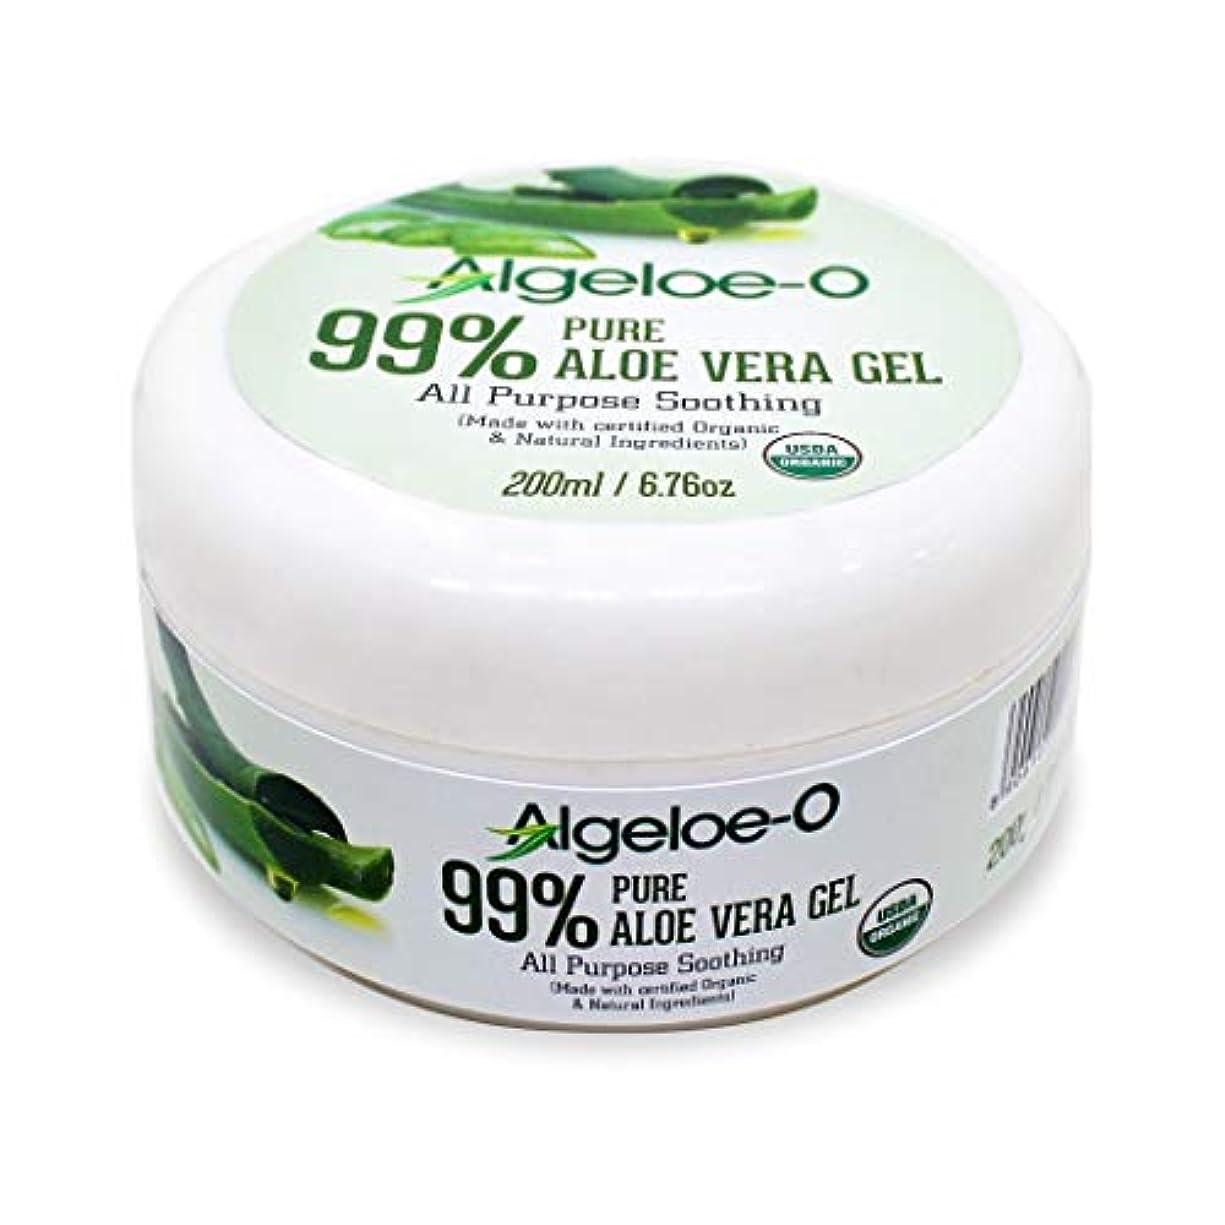 乗り出す肌寒い北Algeloe-O  Organic Aloe Vera Gel 99% Pure Natural made with USDA Certified Aloe Vera Powder Paraben, sulfate free...